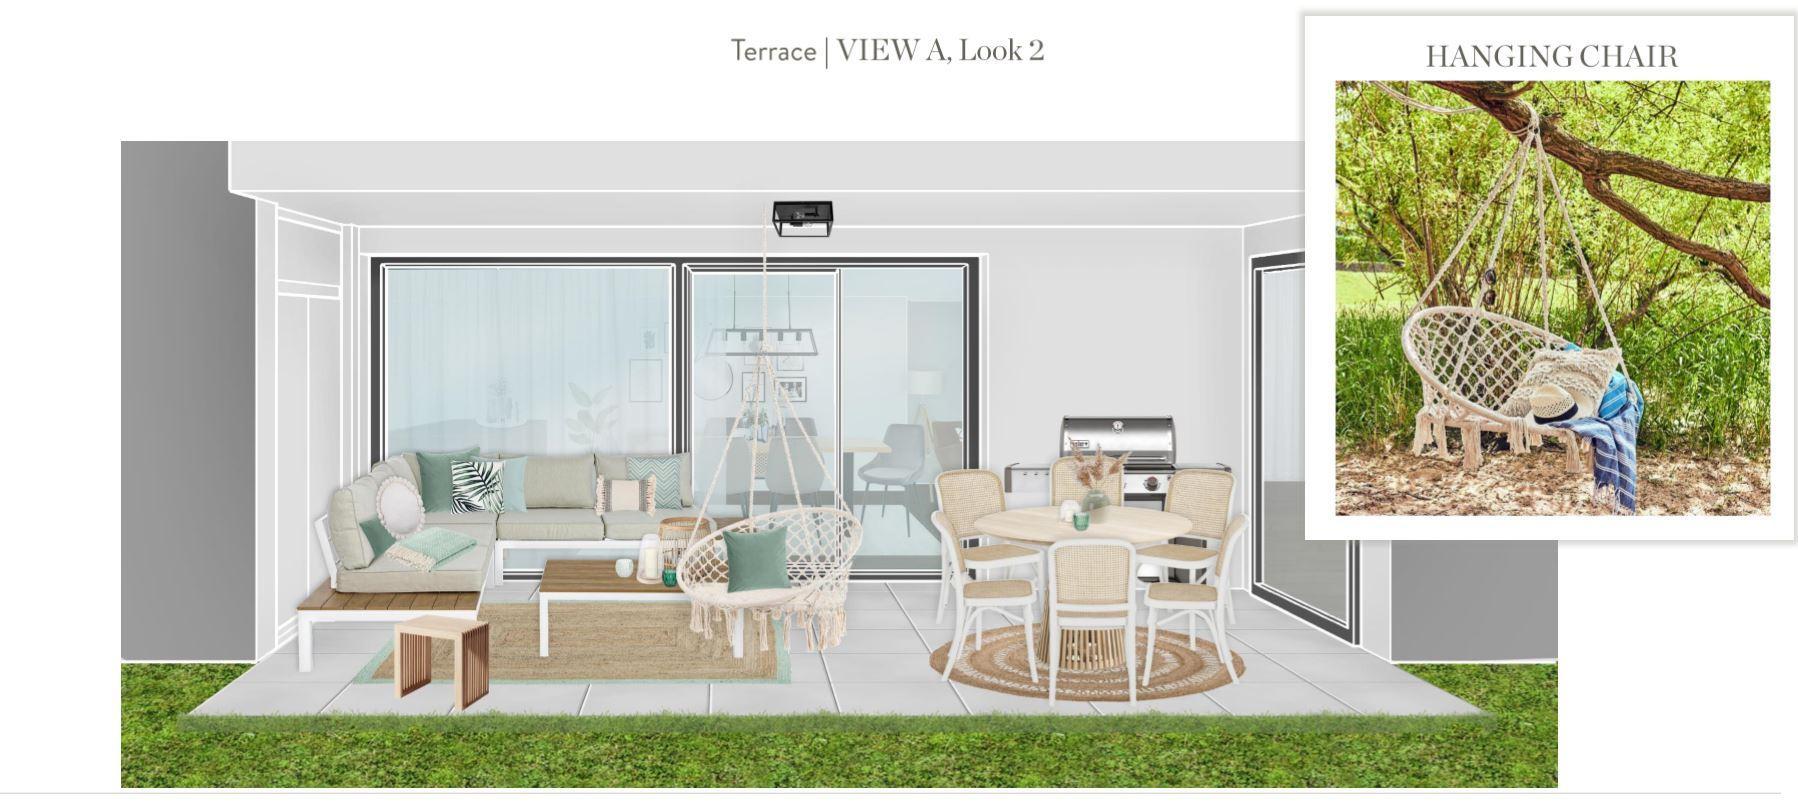 Neue Wohnung einrichten Terrasse Entwurf 2